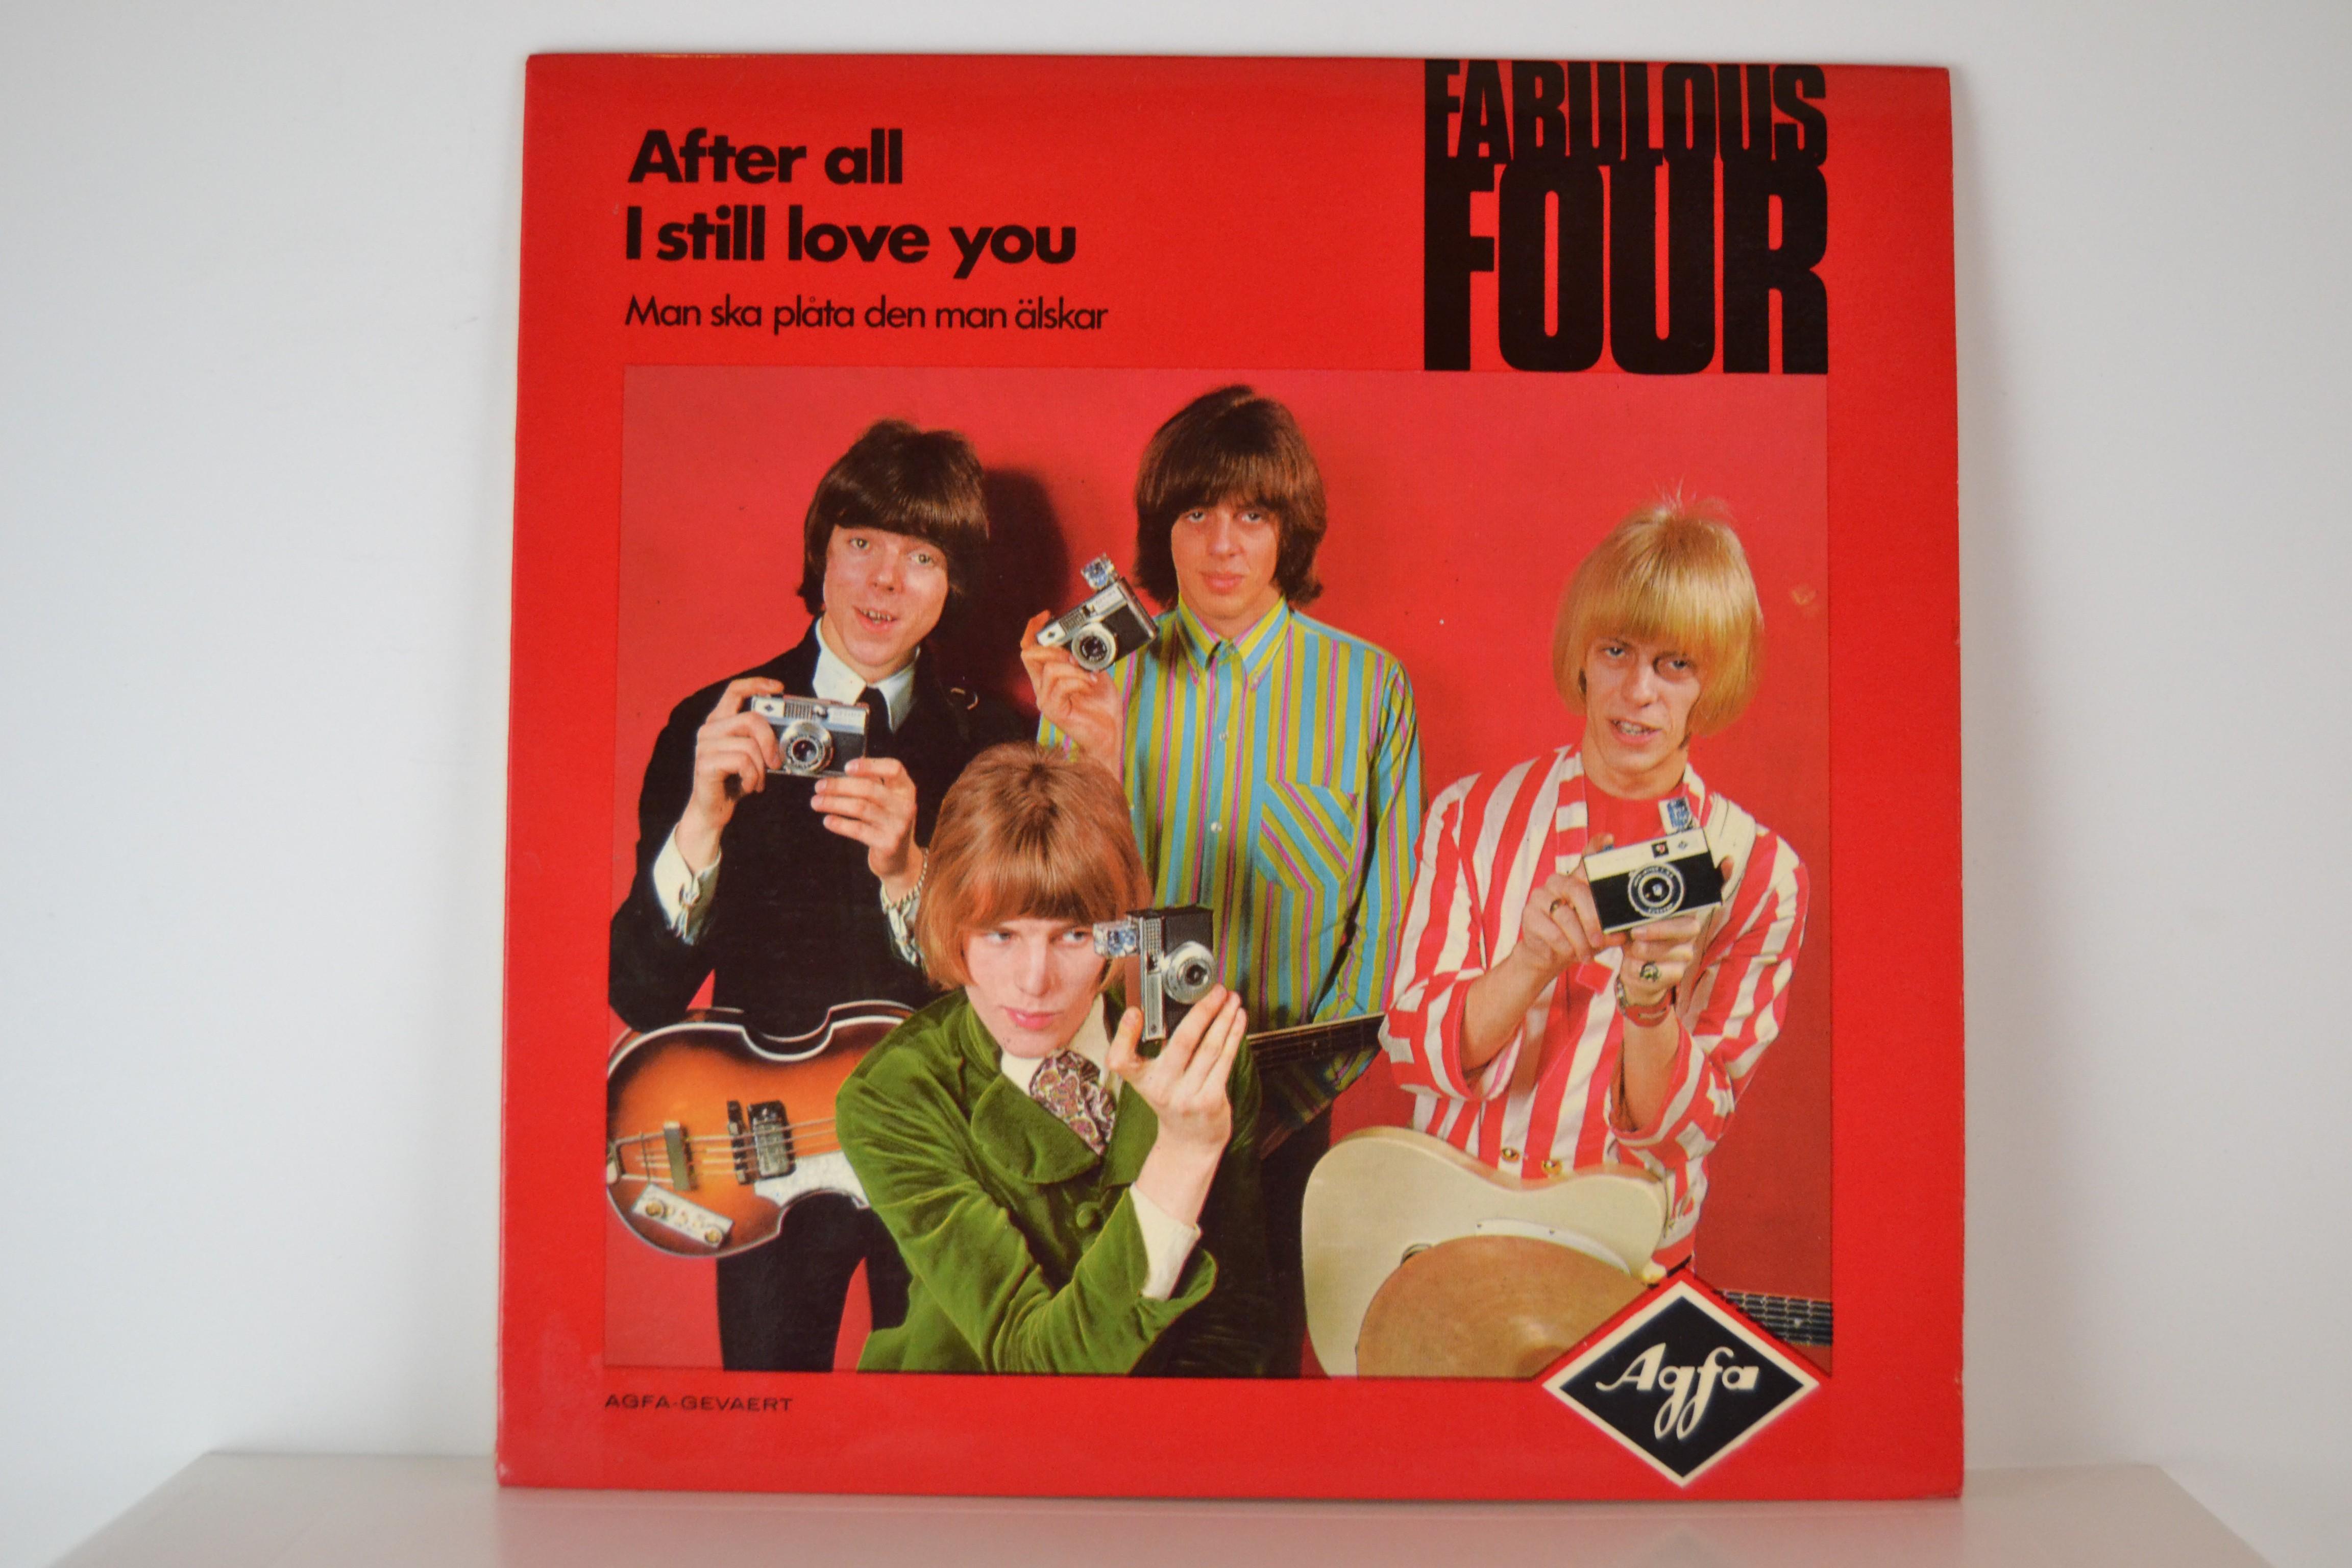 FABULOUS FOUR : Man ska plåta den man älskar / After all I still love you